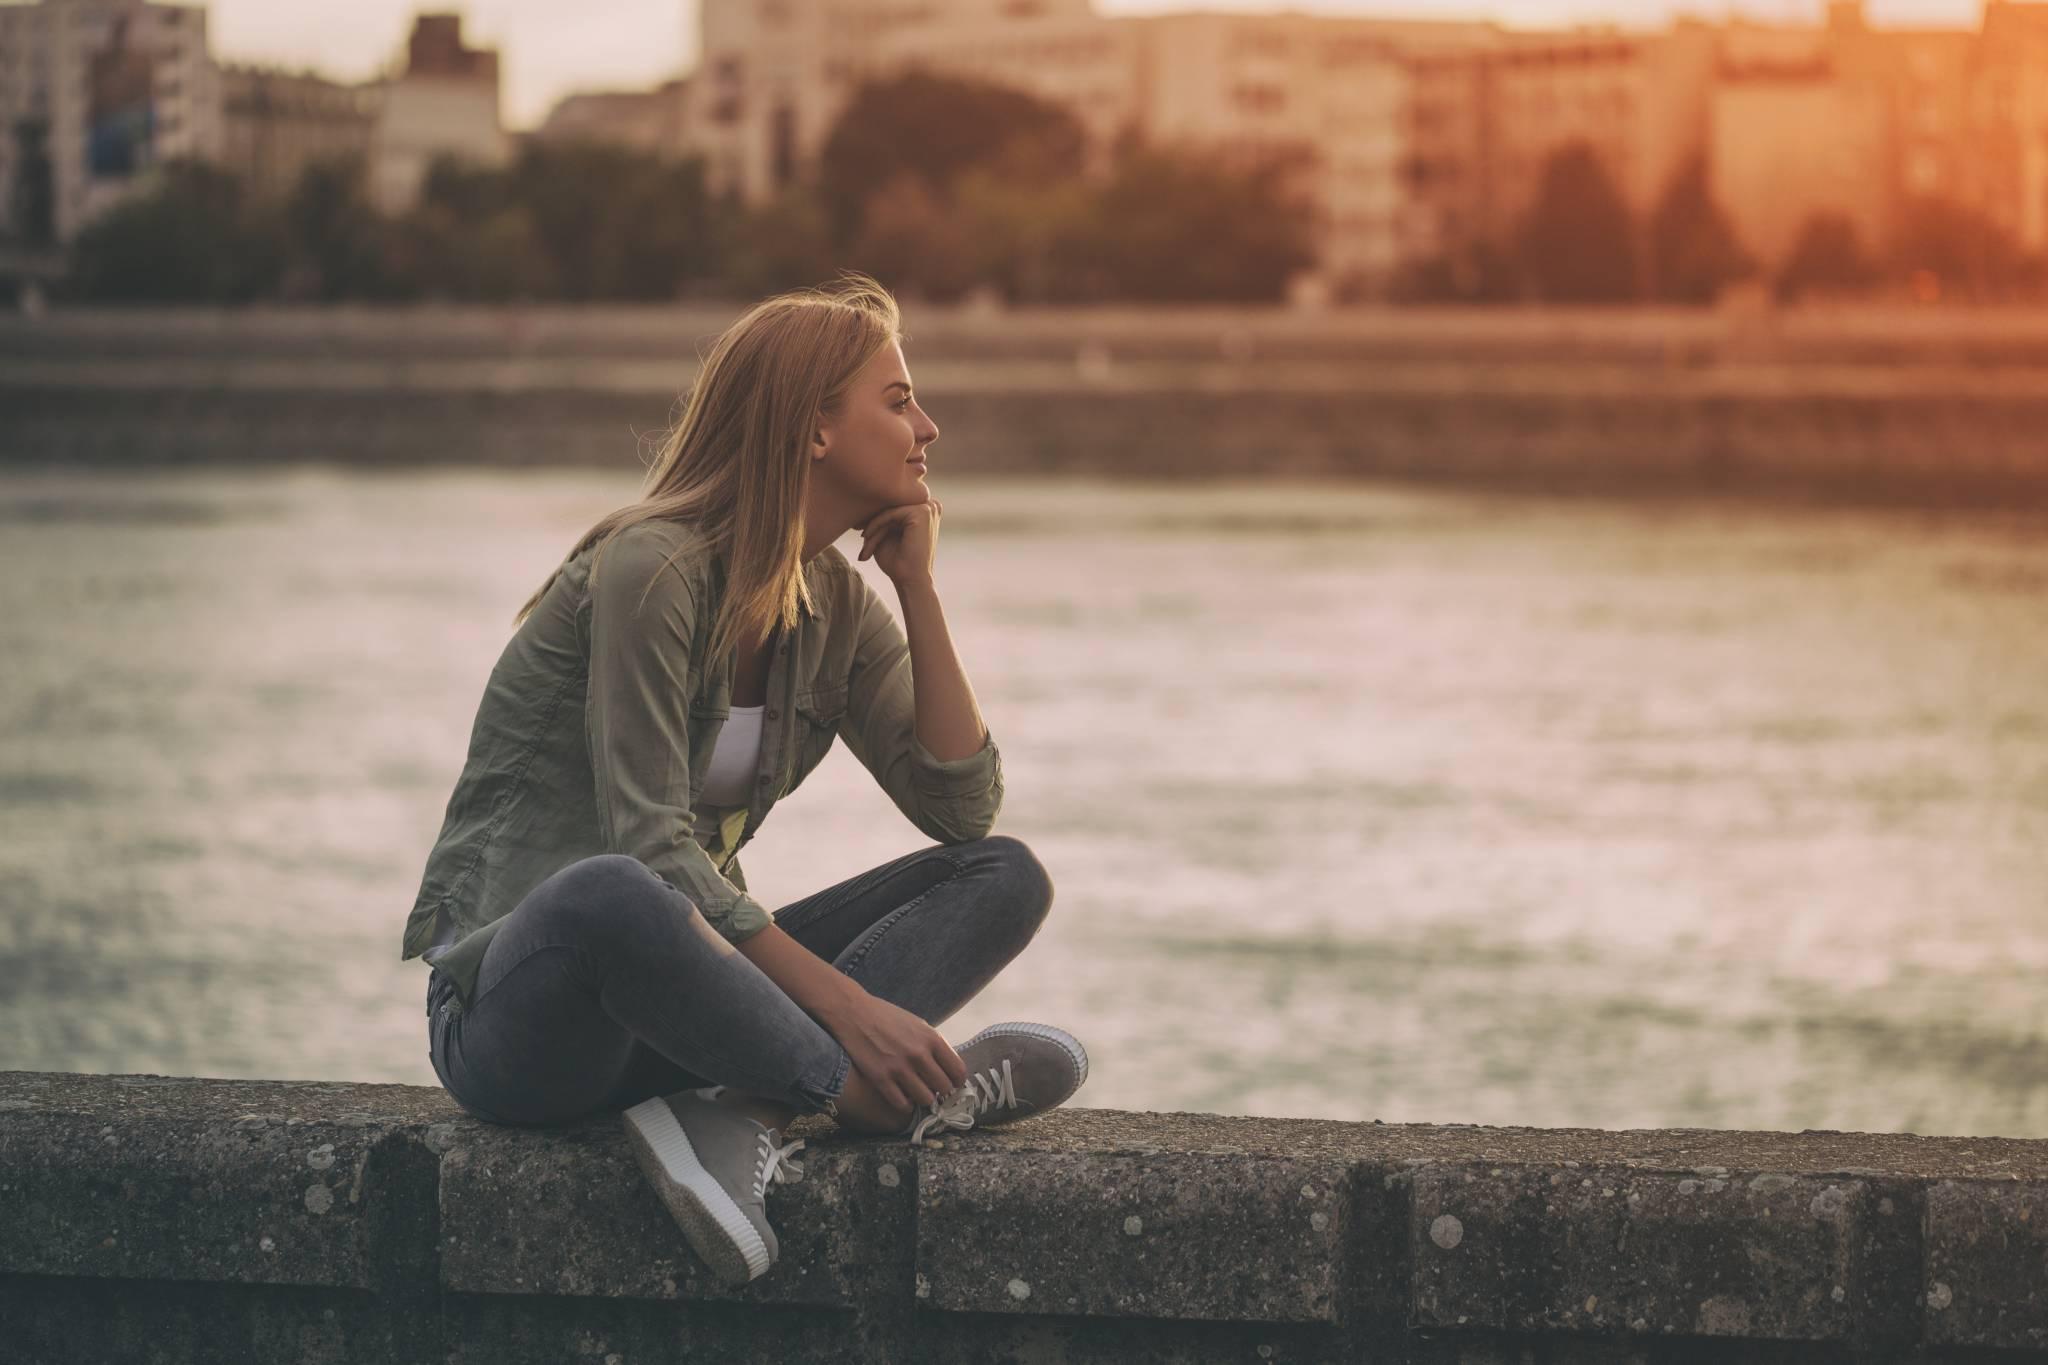 Sama nie znaczy samotna: Czy życie samotnika jest naprawdę dobre?